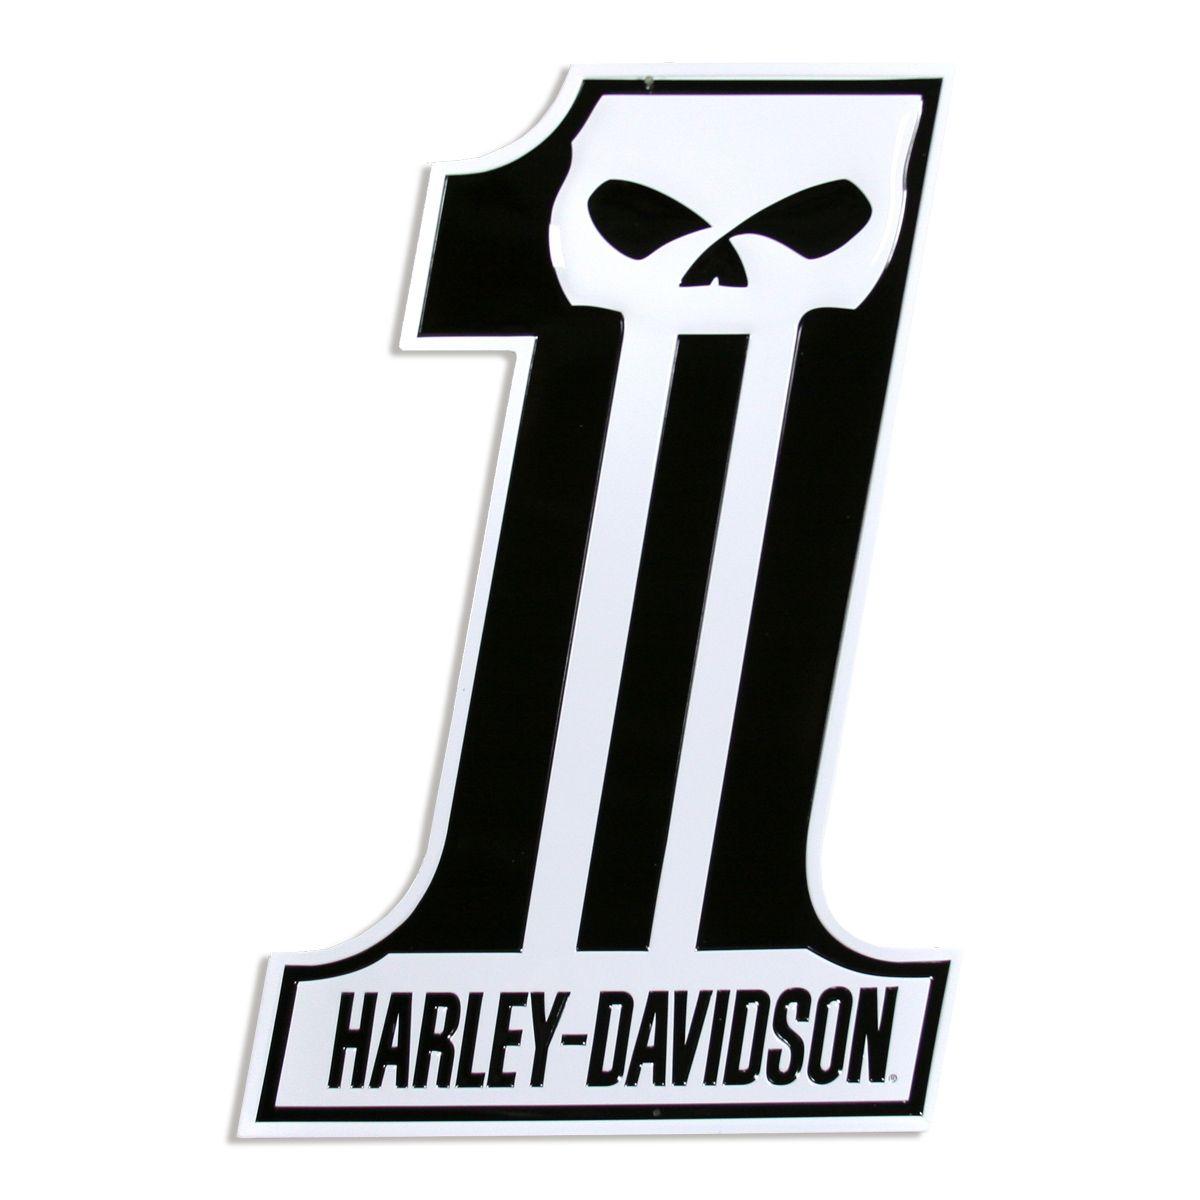 Harley davidson number one skull sign die cut d harley davidson shirt designs harley - Sigle harley davidson ...